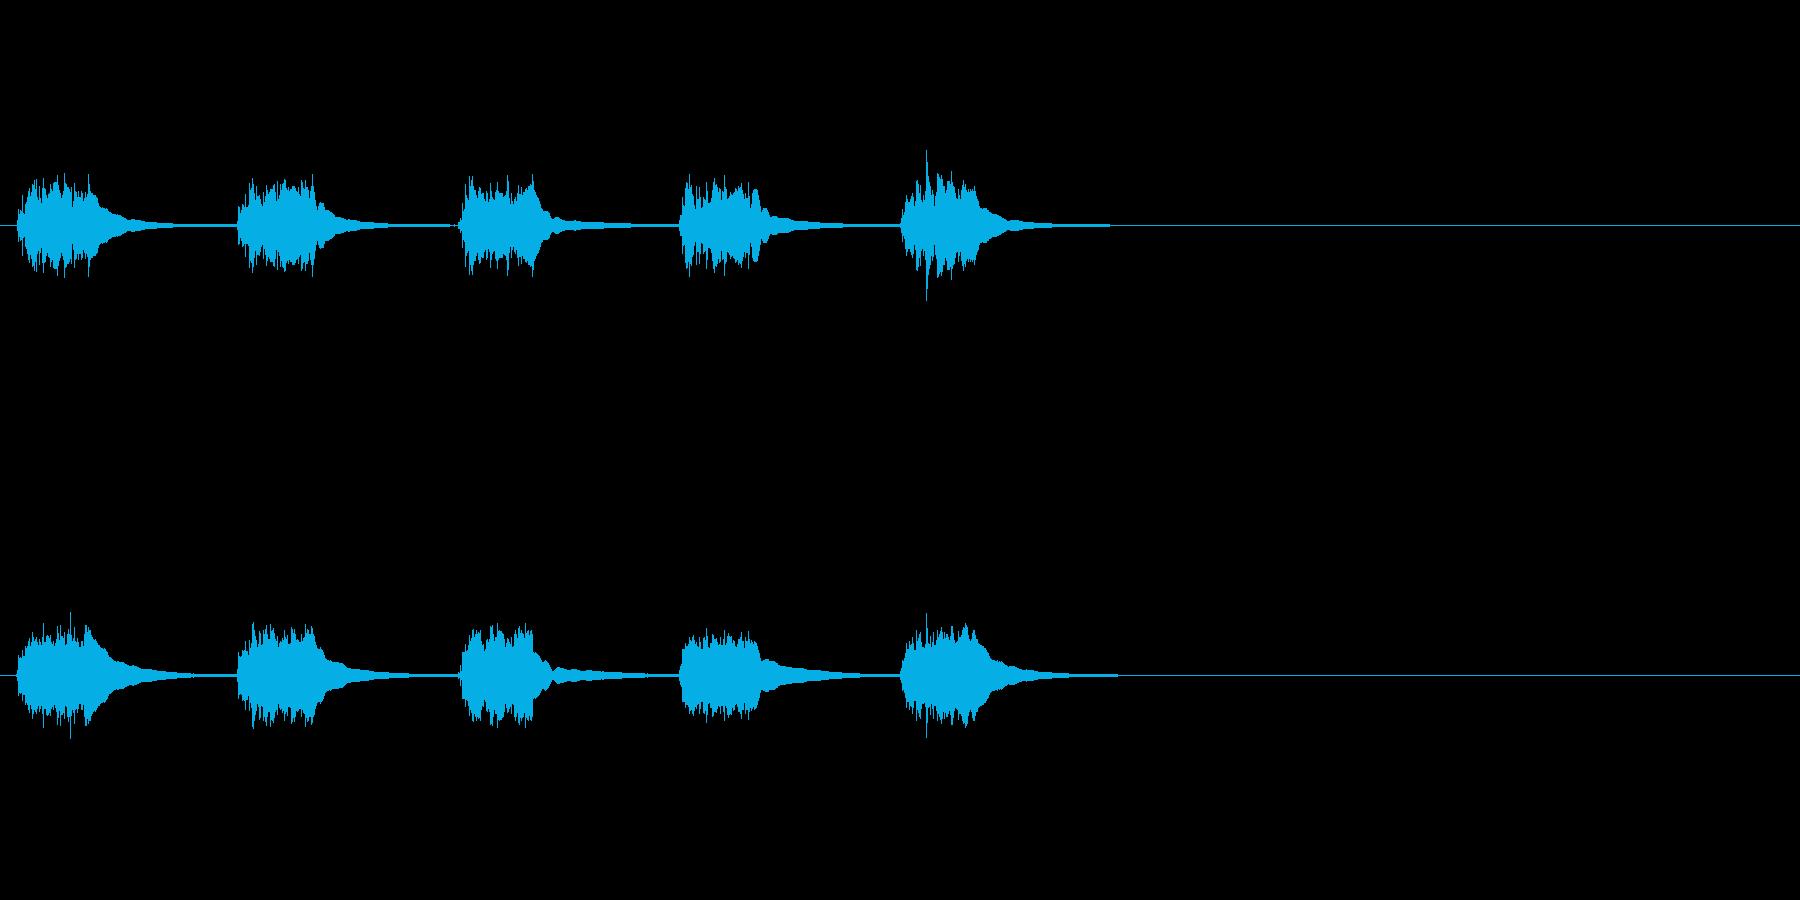 黒電話 (5回呼び出し音)の再生済みの波形